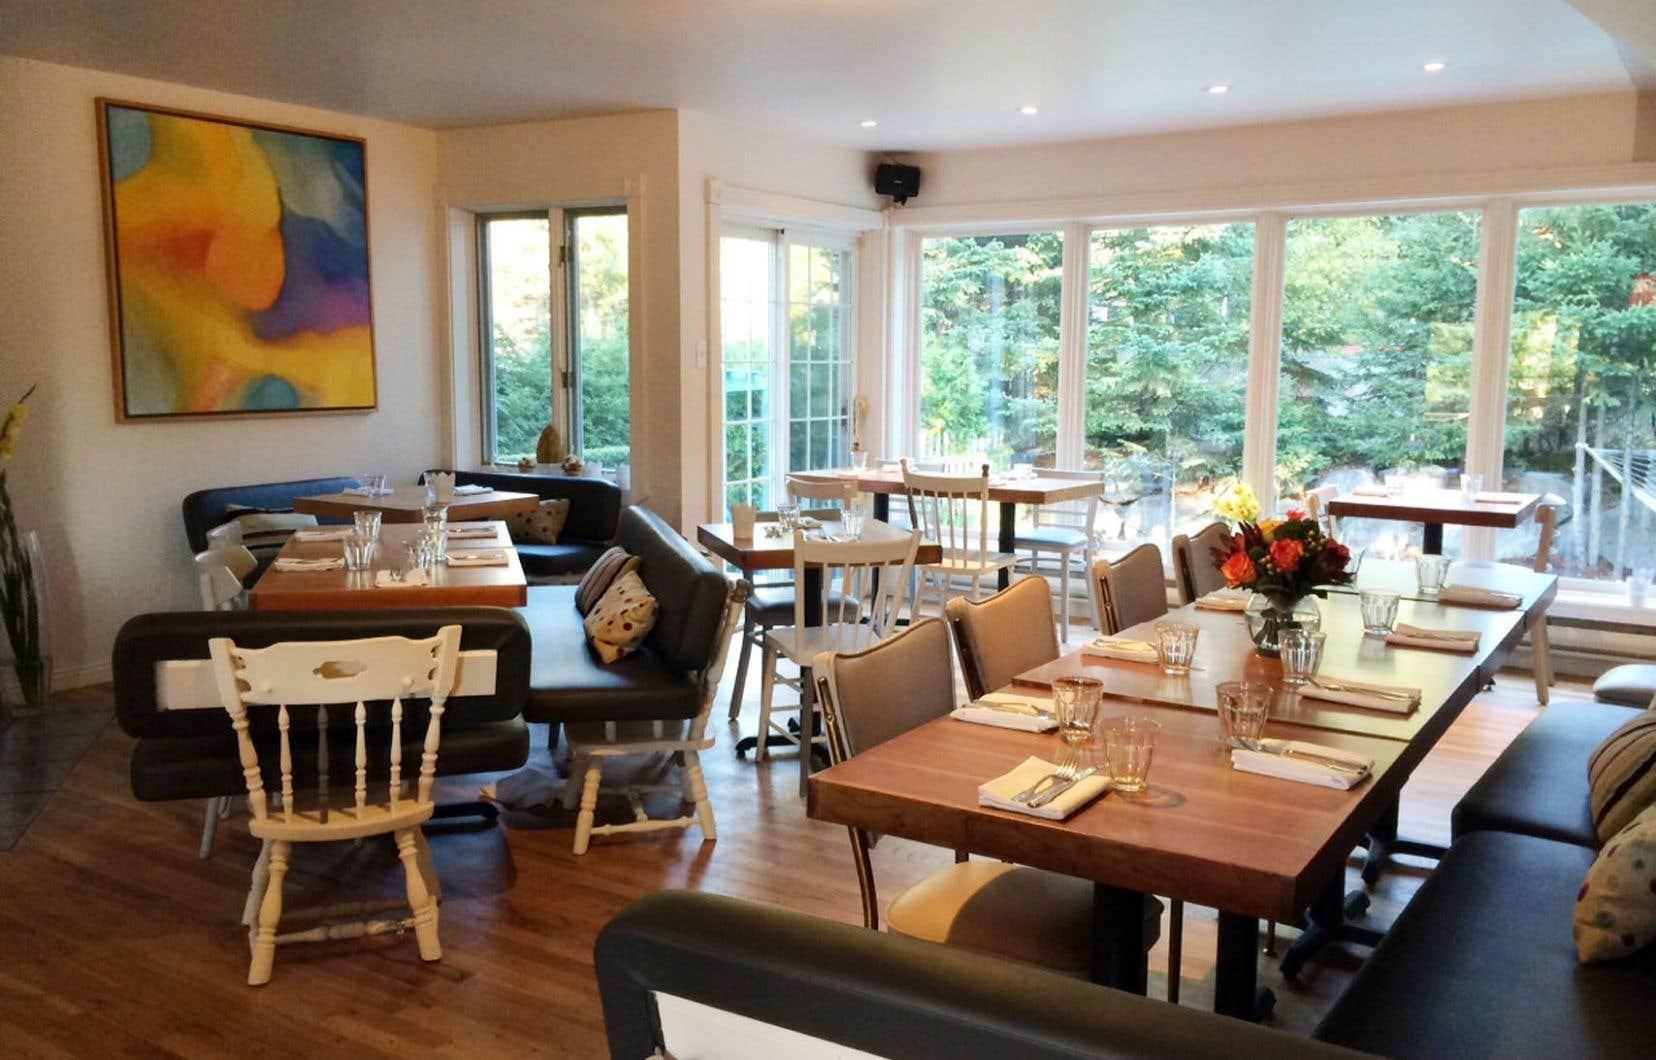 Avec leur restaurant La Porte, les Rouyé, père et fils, ont habitué leur clientèle montréalaise à du très soigné. Ce même soin se retrouve dans leurs assiettes val-davidoises de La table des gourmets.